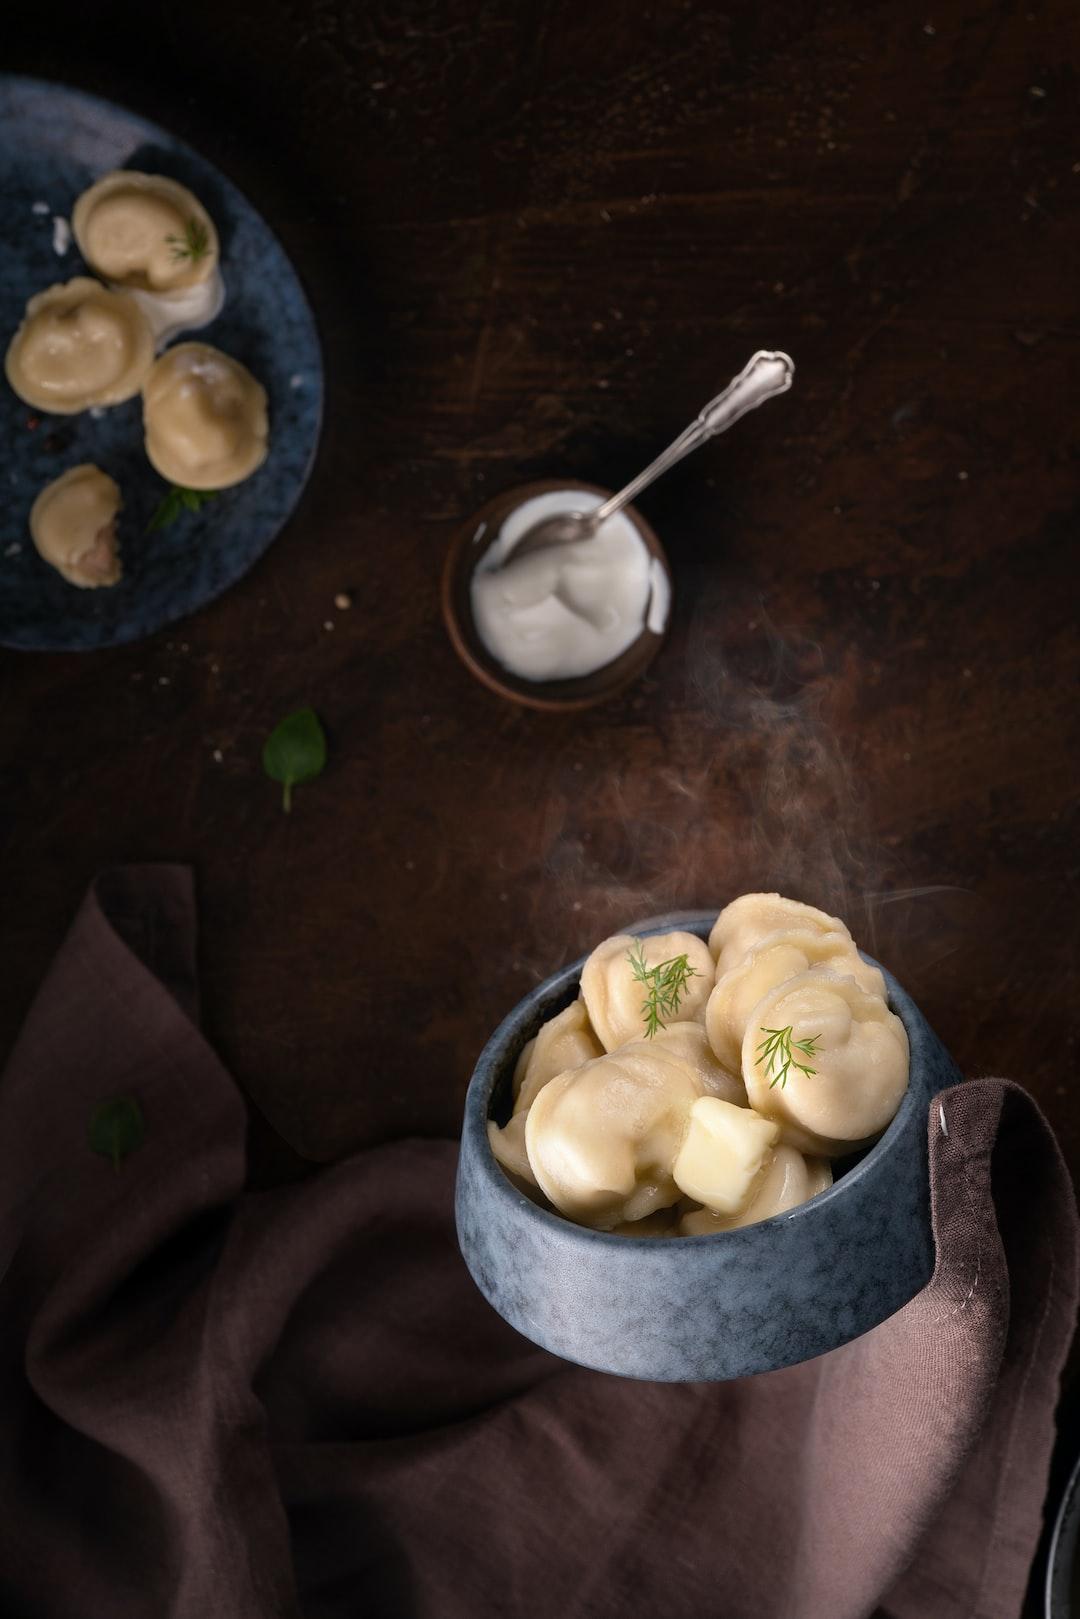 Dumplings/ Oil   phototastyfood.ru